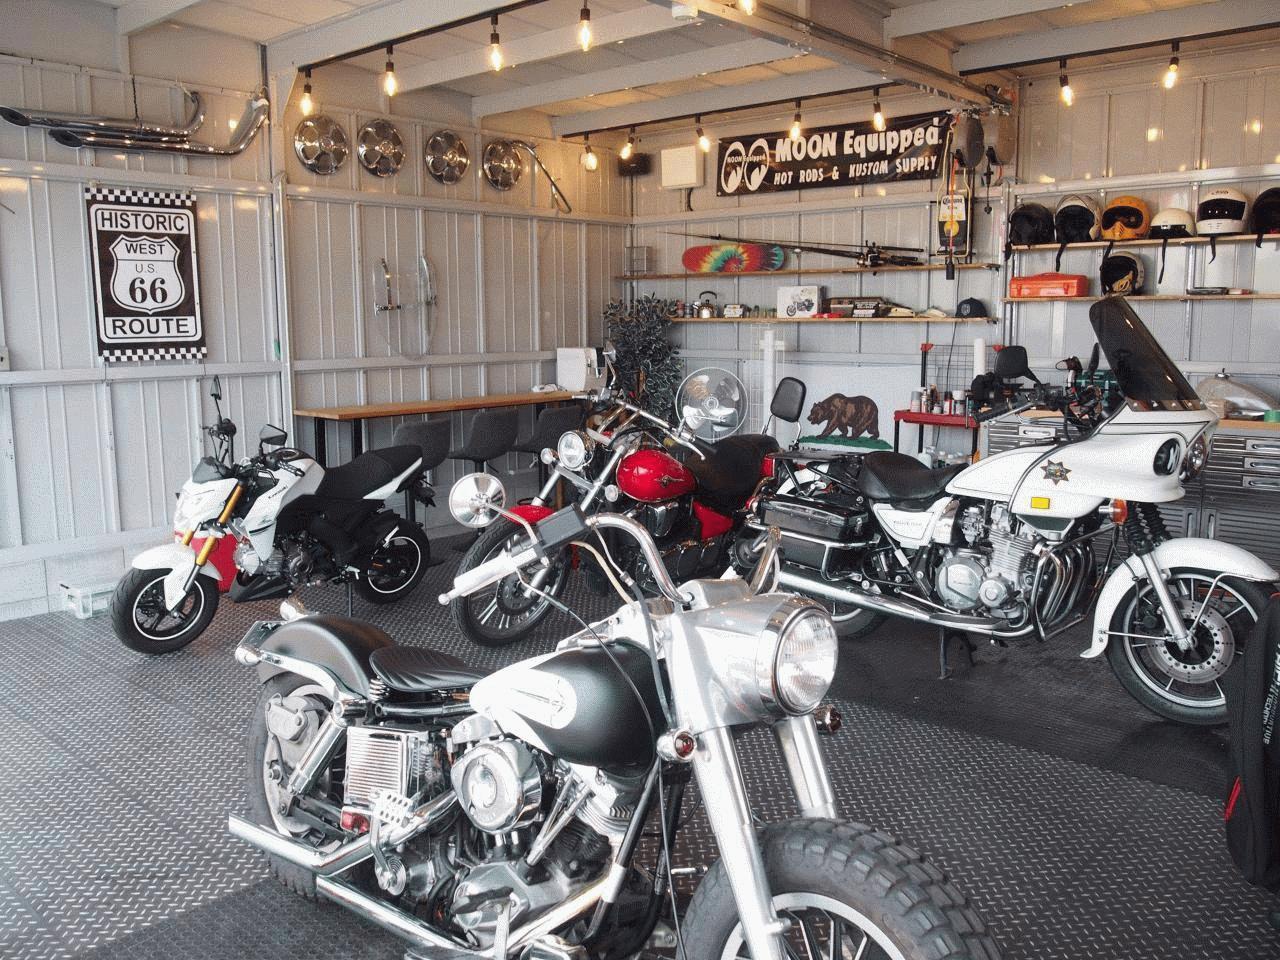 2021年5月1日(土曜日)NEXTGATE-motorrad- がオープン!!ぜひ遊びに来てください!